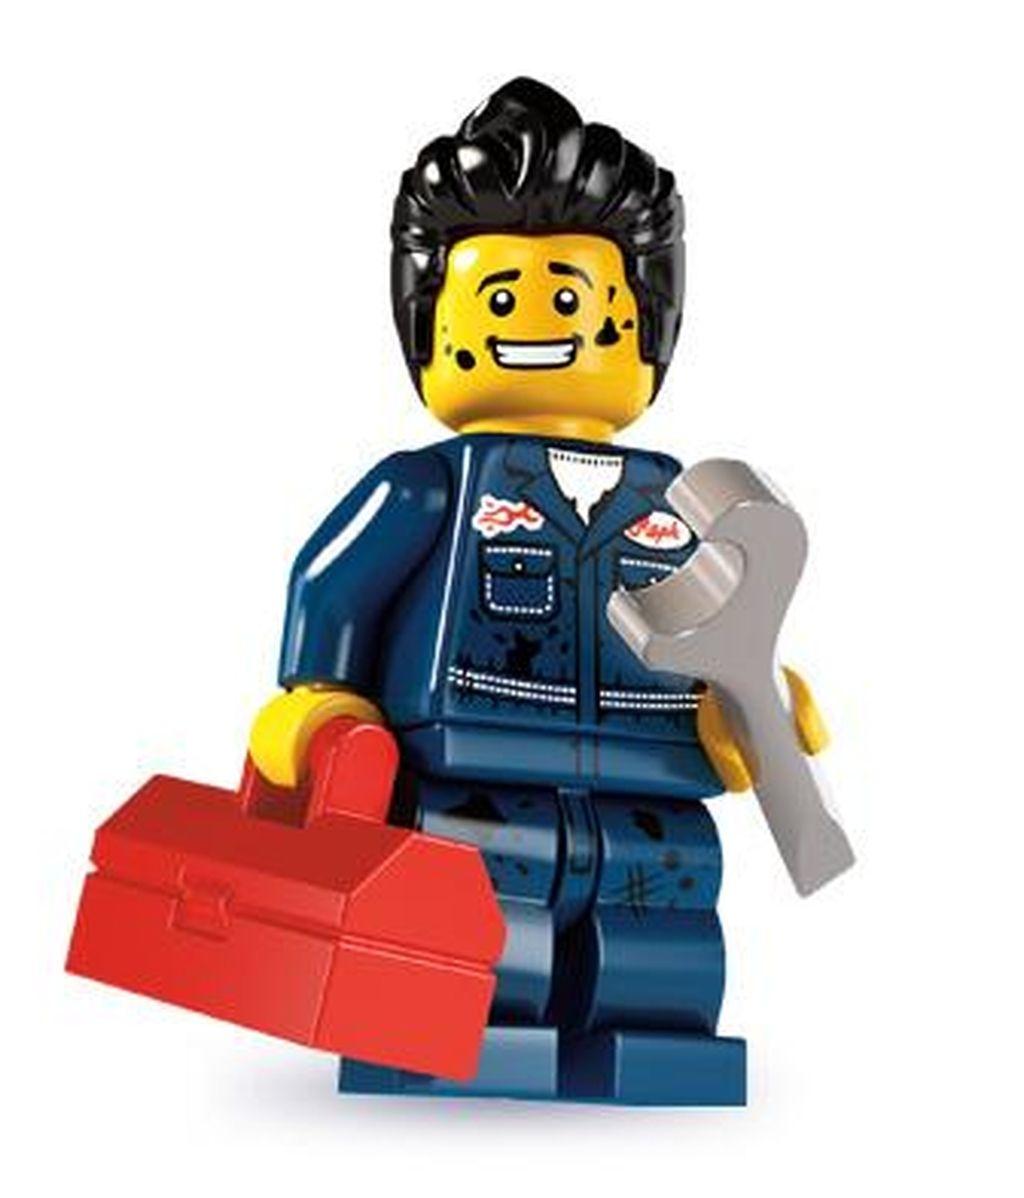 Se corta el pelo al estilo 'Lego' para impresionar a una chica